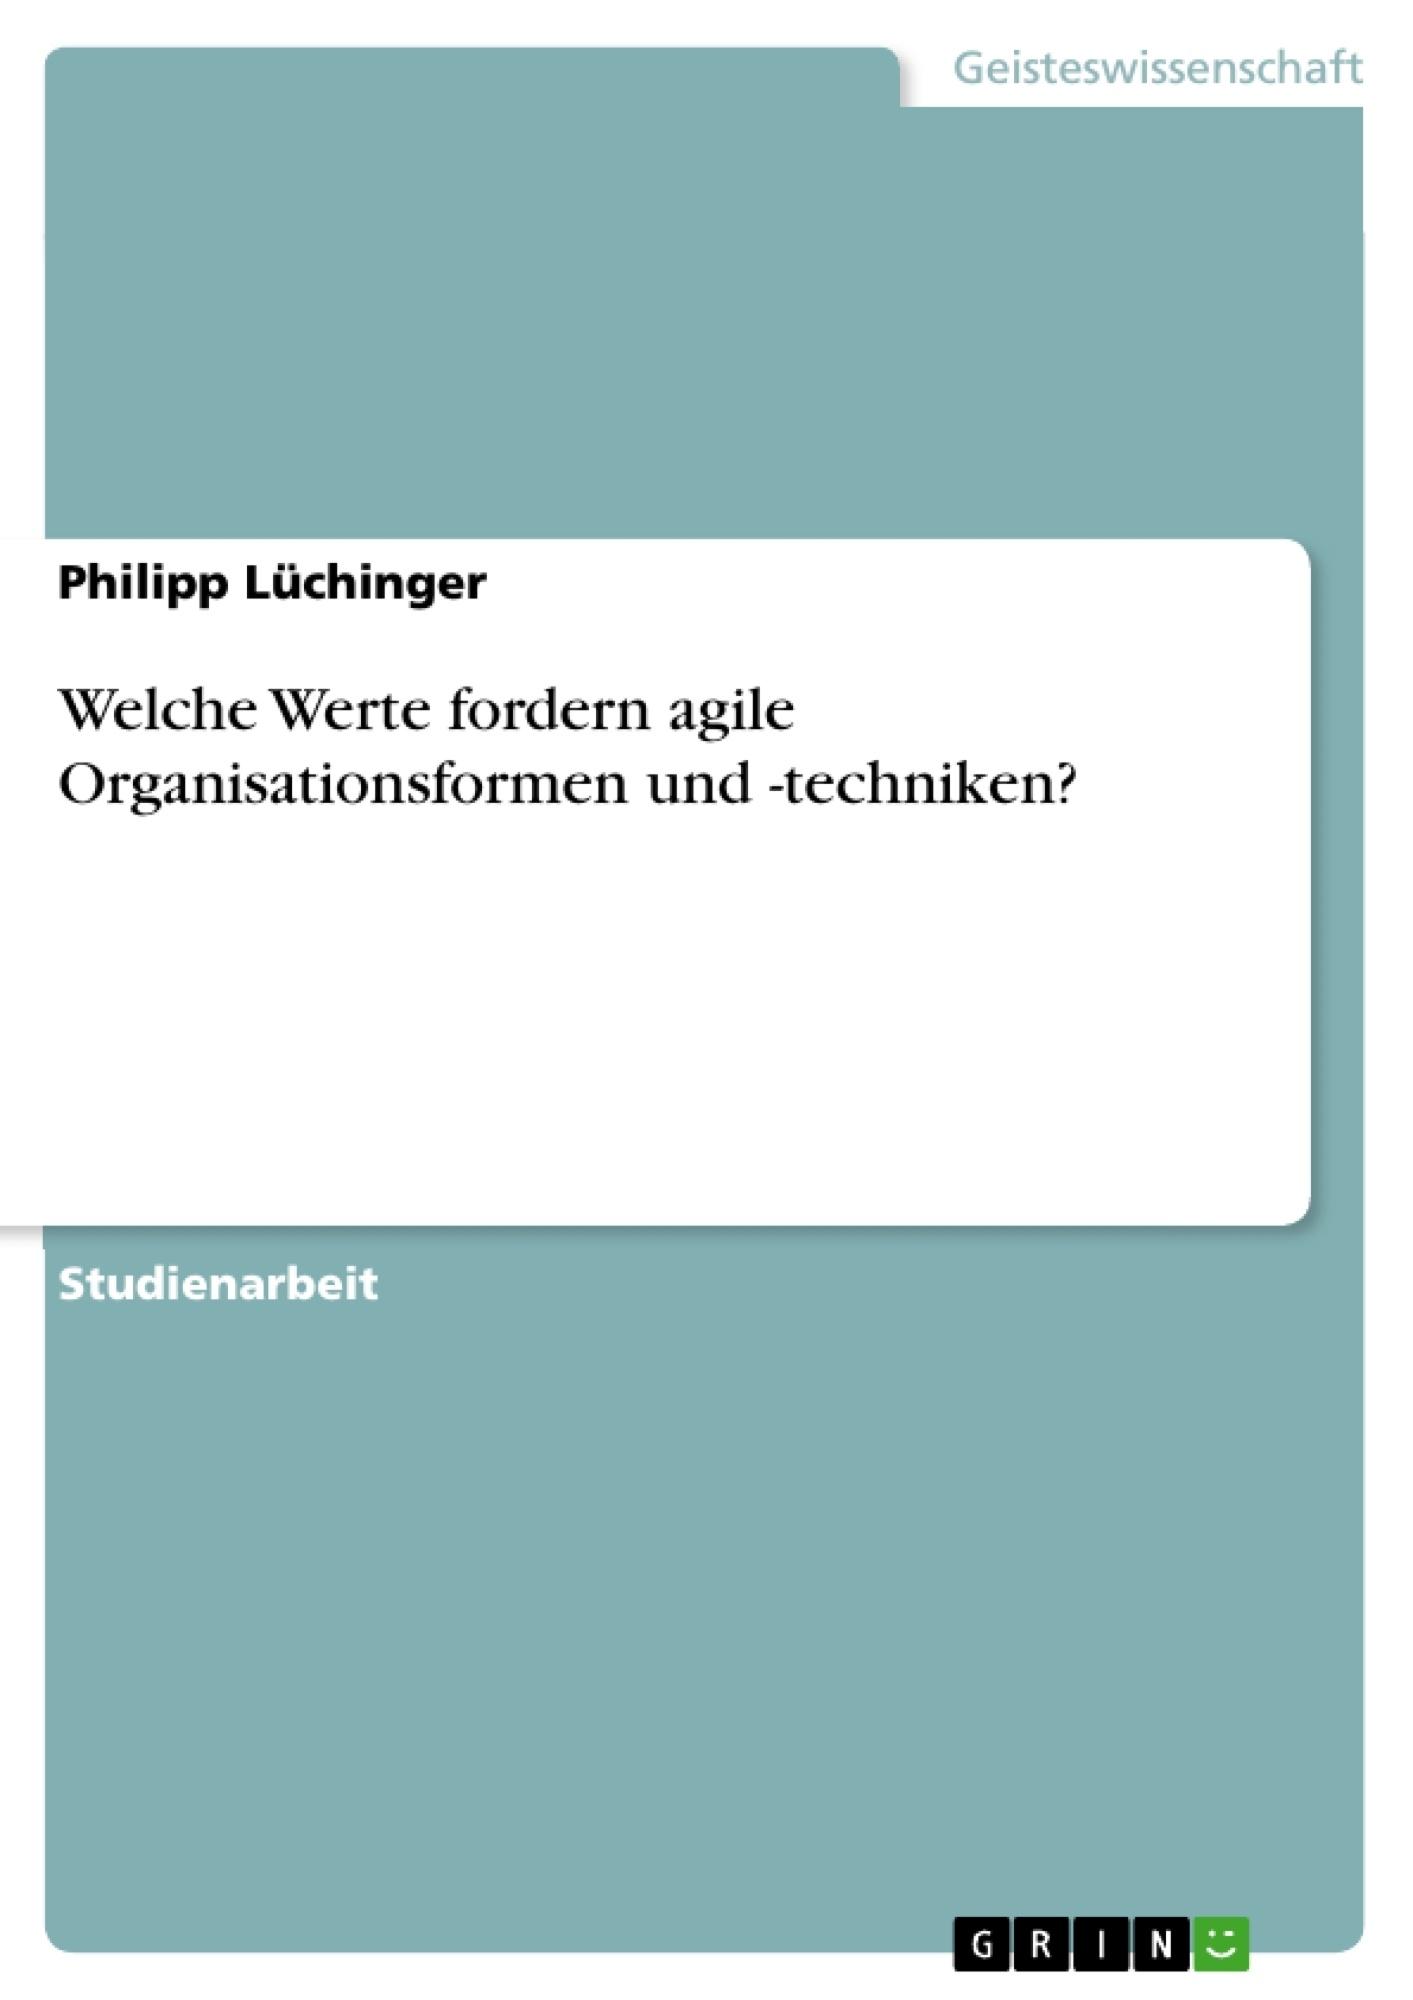 Titel: Welche Werte fordern agile Organisationsformen und -techniken?